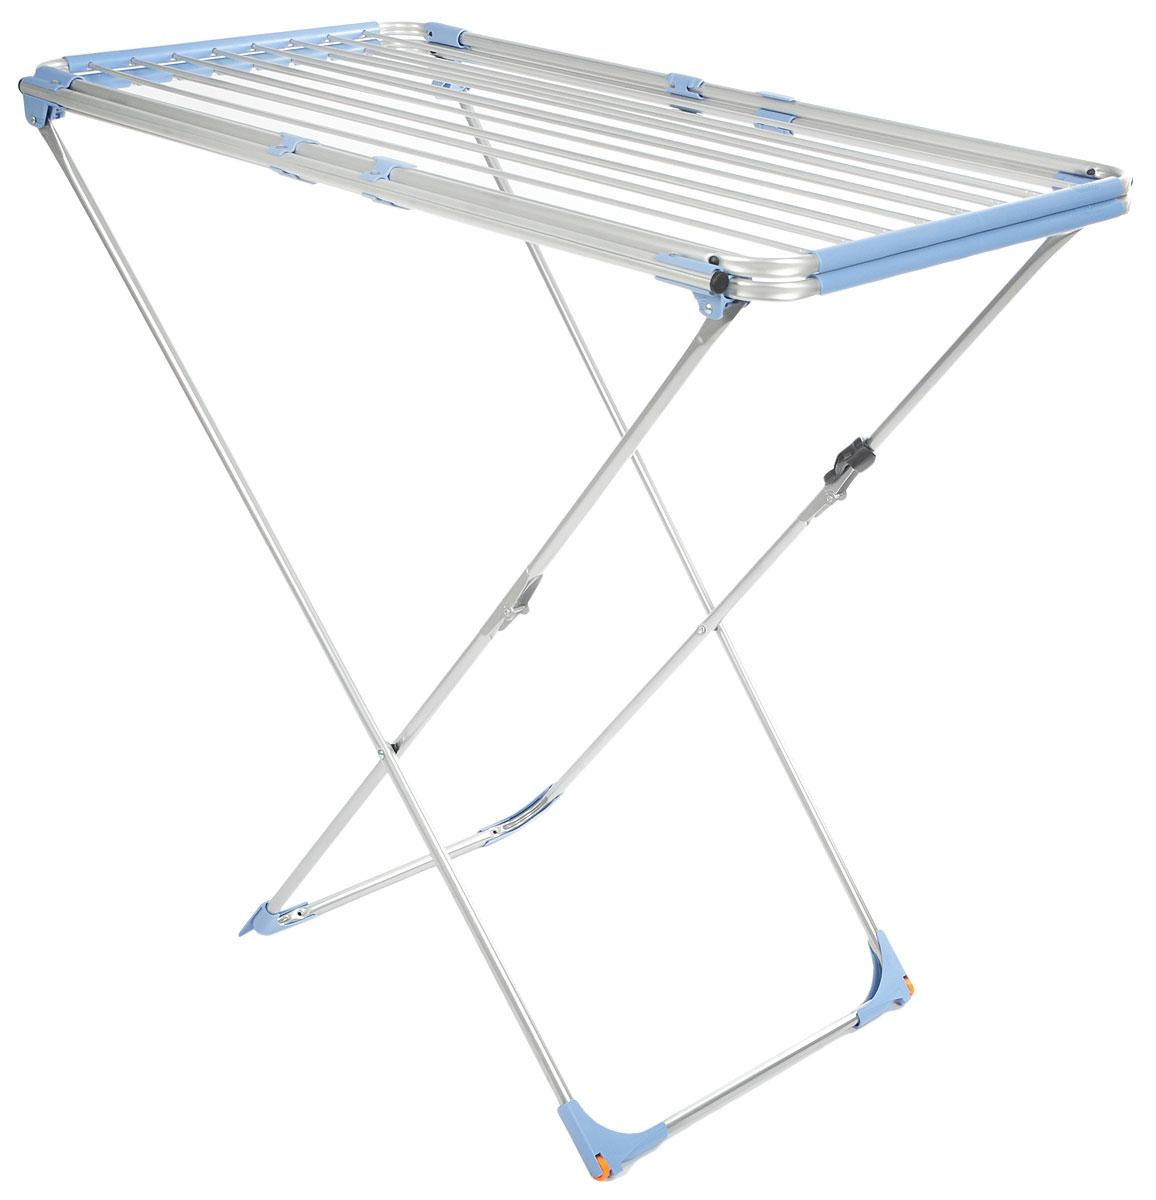 Сушилка для белья Gimi Duo Alu, напольная, цвет: голубой, стальнойGC020/00Напольная сушилка для белья Gimi Duo Alu, изготовленная из стали, проста и удобна в использовании. Идеально подходит для любых помещений. Сушилка оснащена стальными рейками. С помощью телескопических направляющих может раздвигаться, что позволяет свободно развесить как большие простыни, так и белье небольшого размера. Защитные уголки на ножках предотвратят появление царапин на полу. Сушилка для белья легко складывается и в таком состоянии занимает мало места, потому вам легко будет убрать ее в любое удобное для вас место.Минимальная длина сушилки: 105 см.Максимальная длина сушилки: 209 см.Ширина сушилки: 60 см.Высота сушилки: 97 см.Общая длина реек: 22 м.